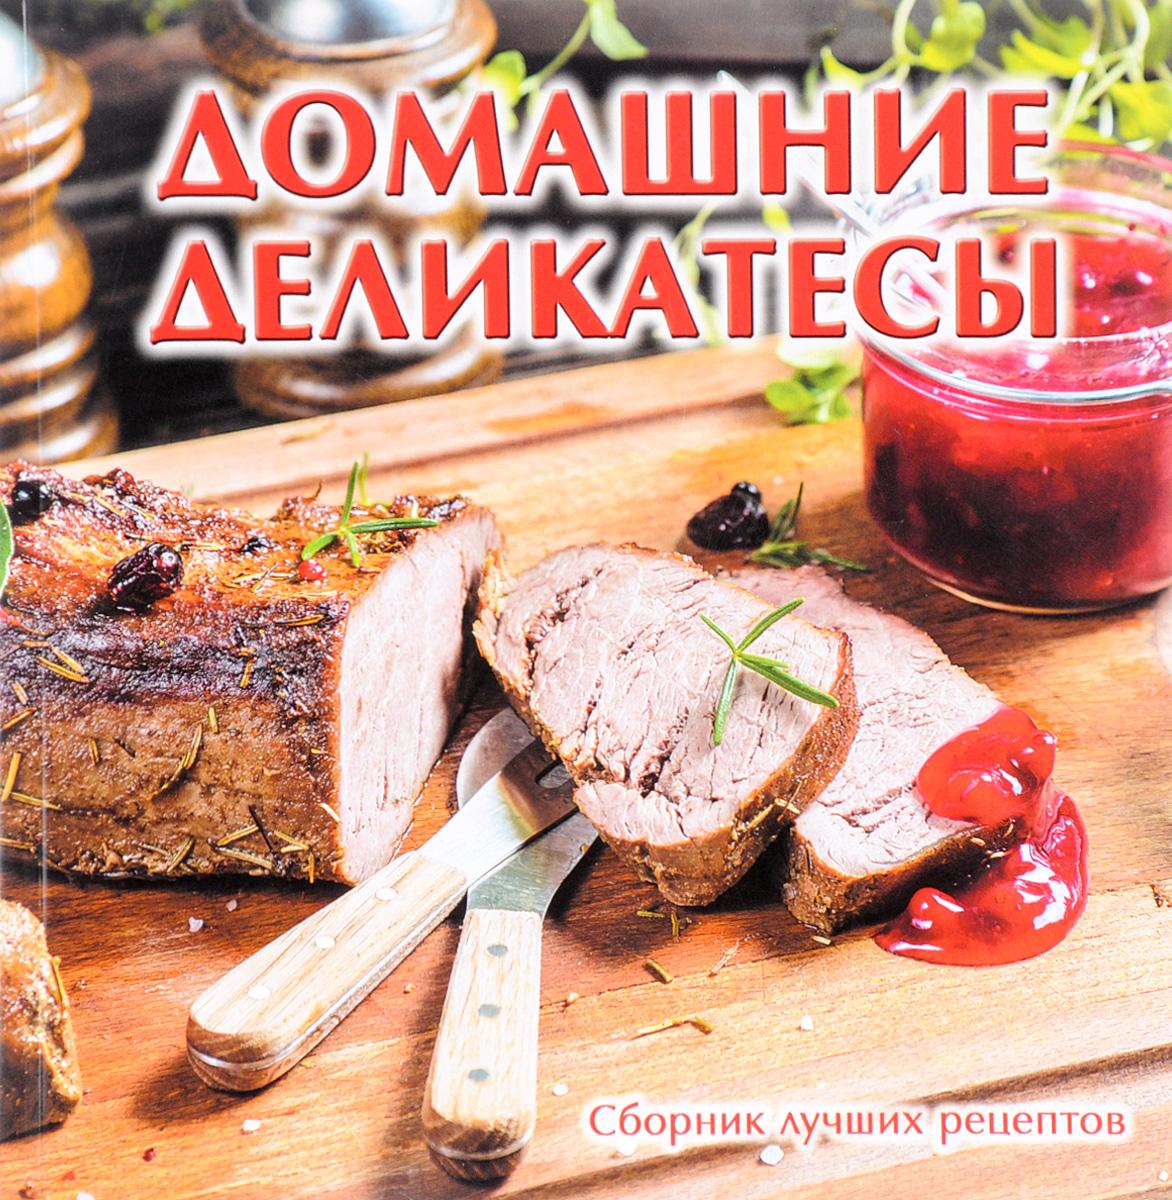 Домашние деликатесы. Сборник лучших рецептов анна китаева всё своё домашние деликатесы